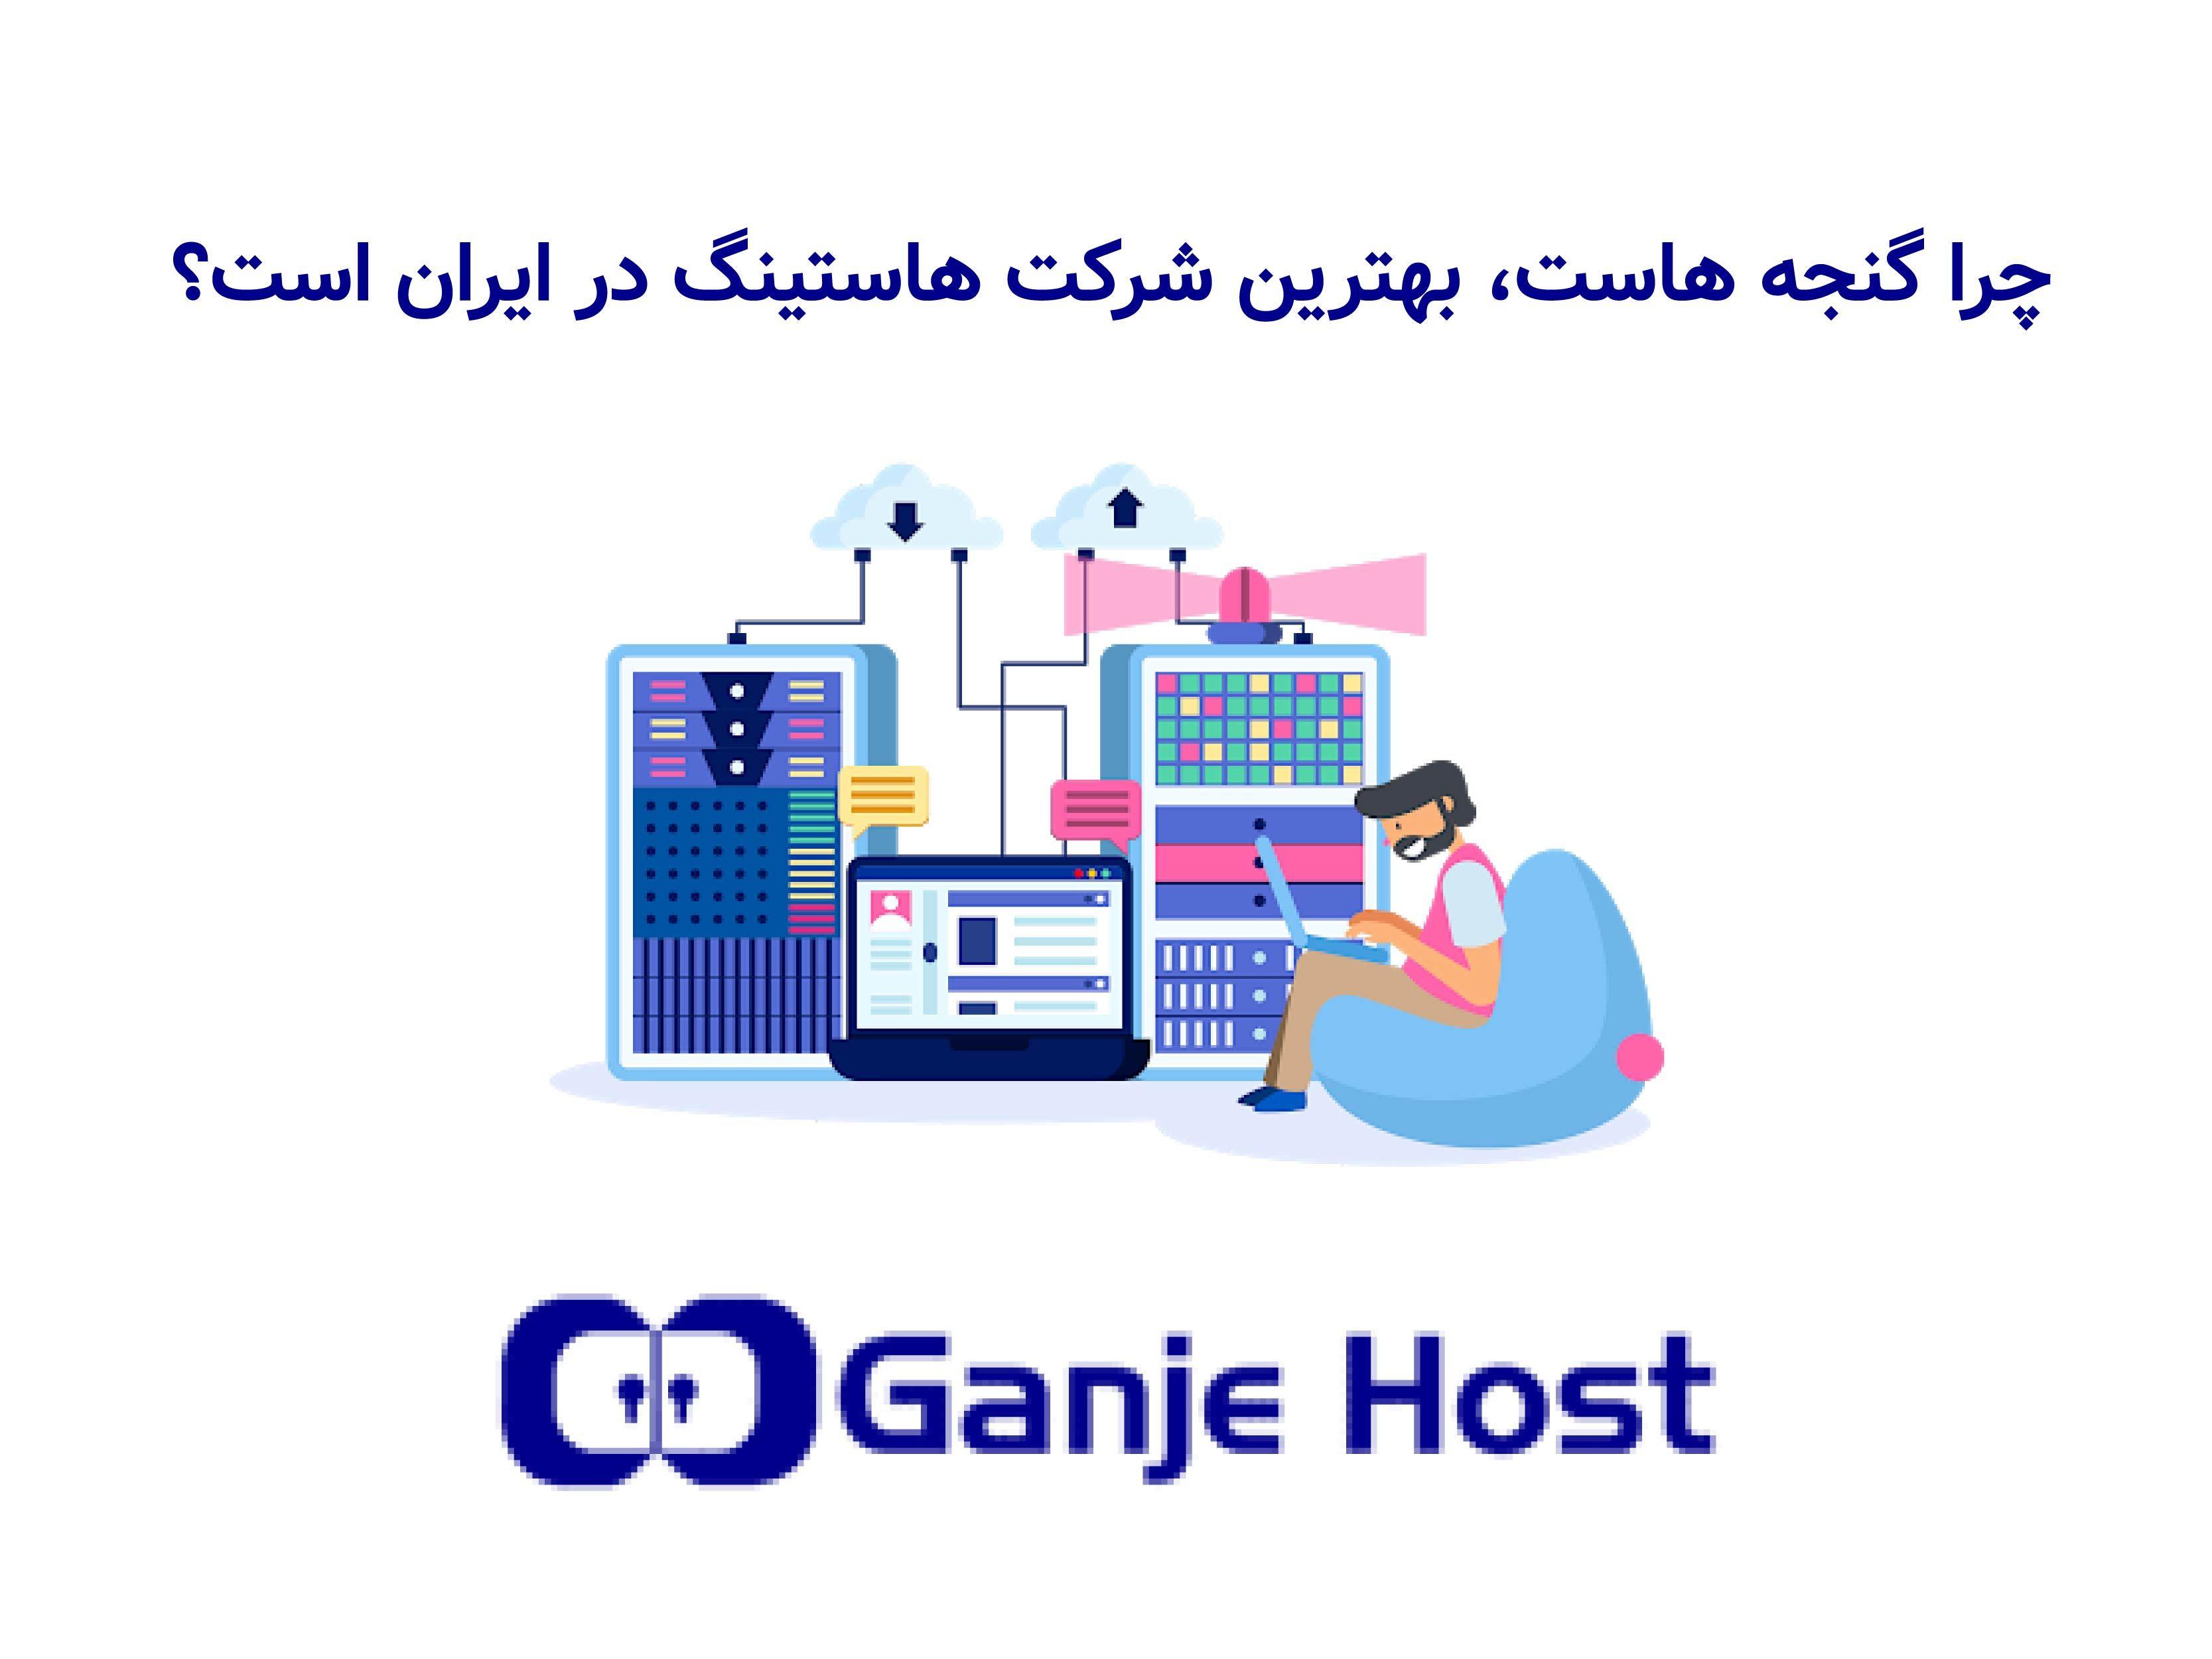 چرا گنجه هاست، بهترین شرکت هاستینگ در ایران است؟